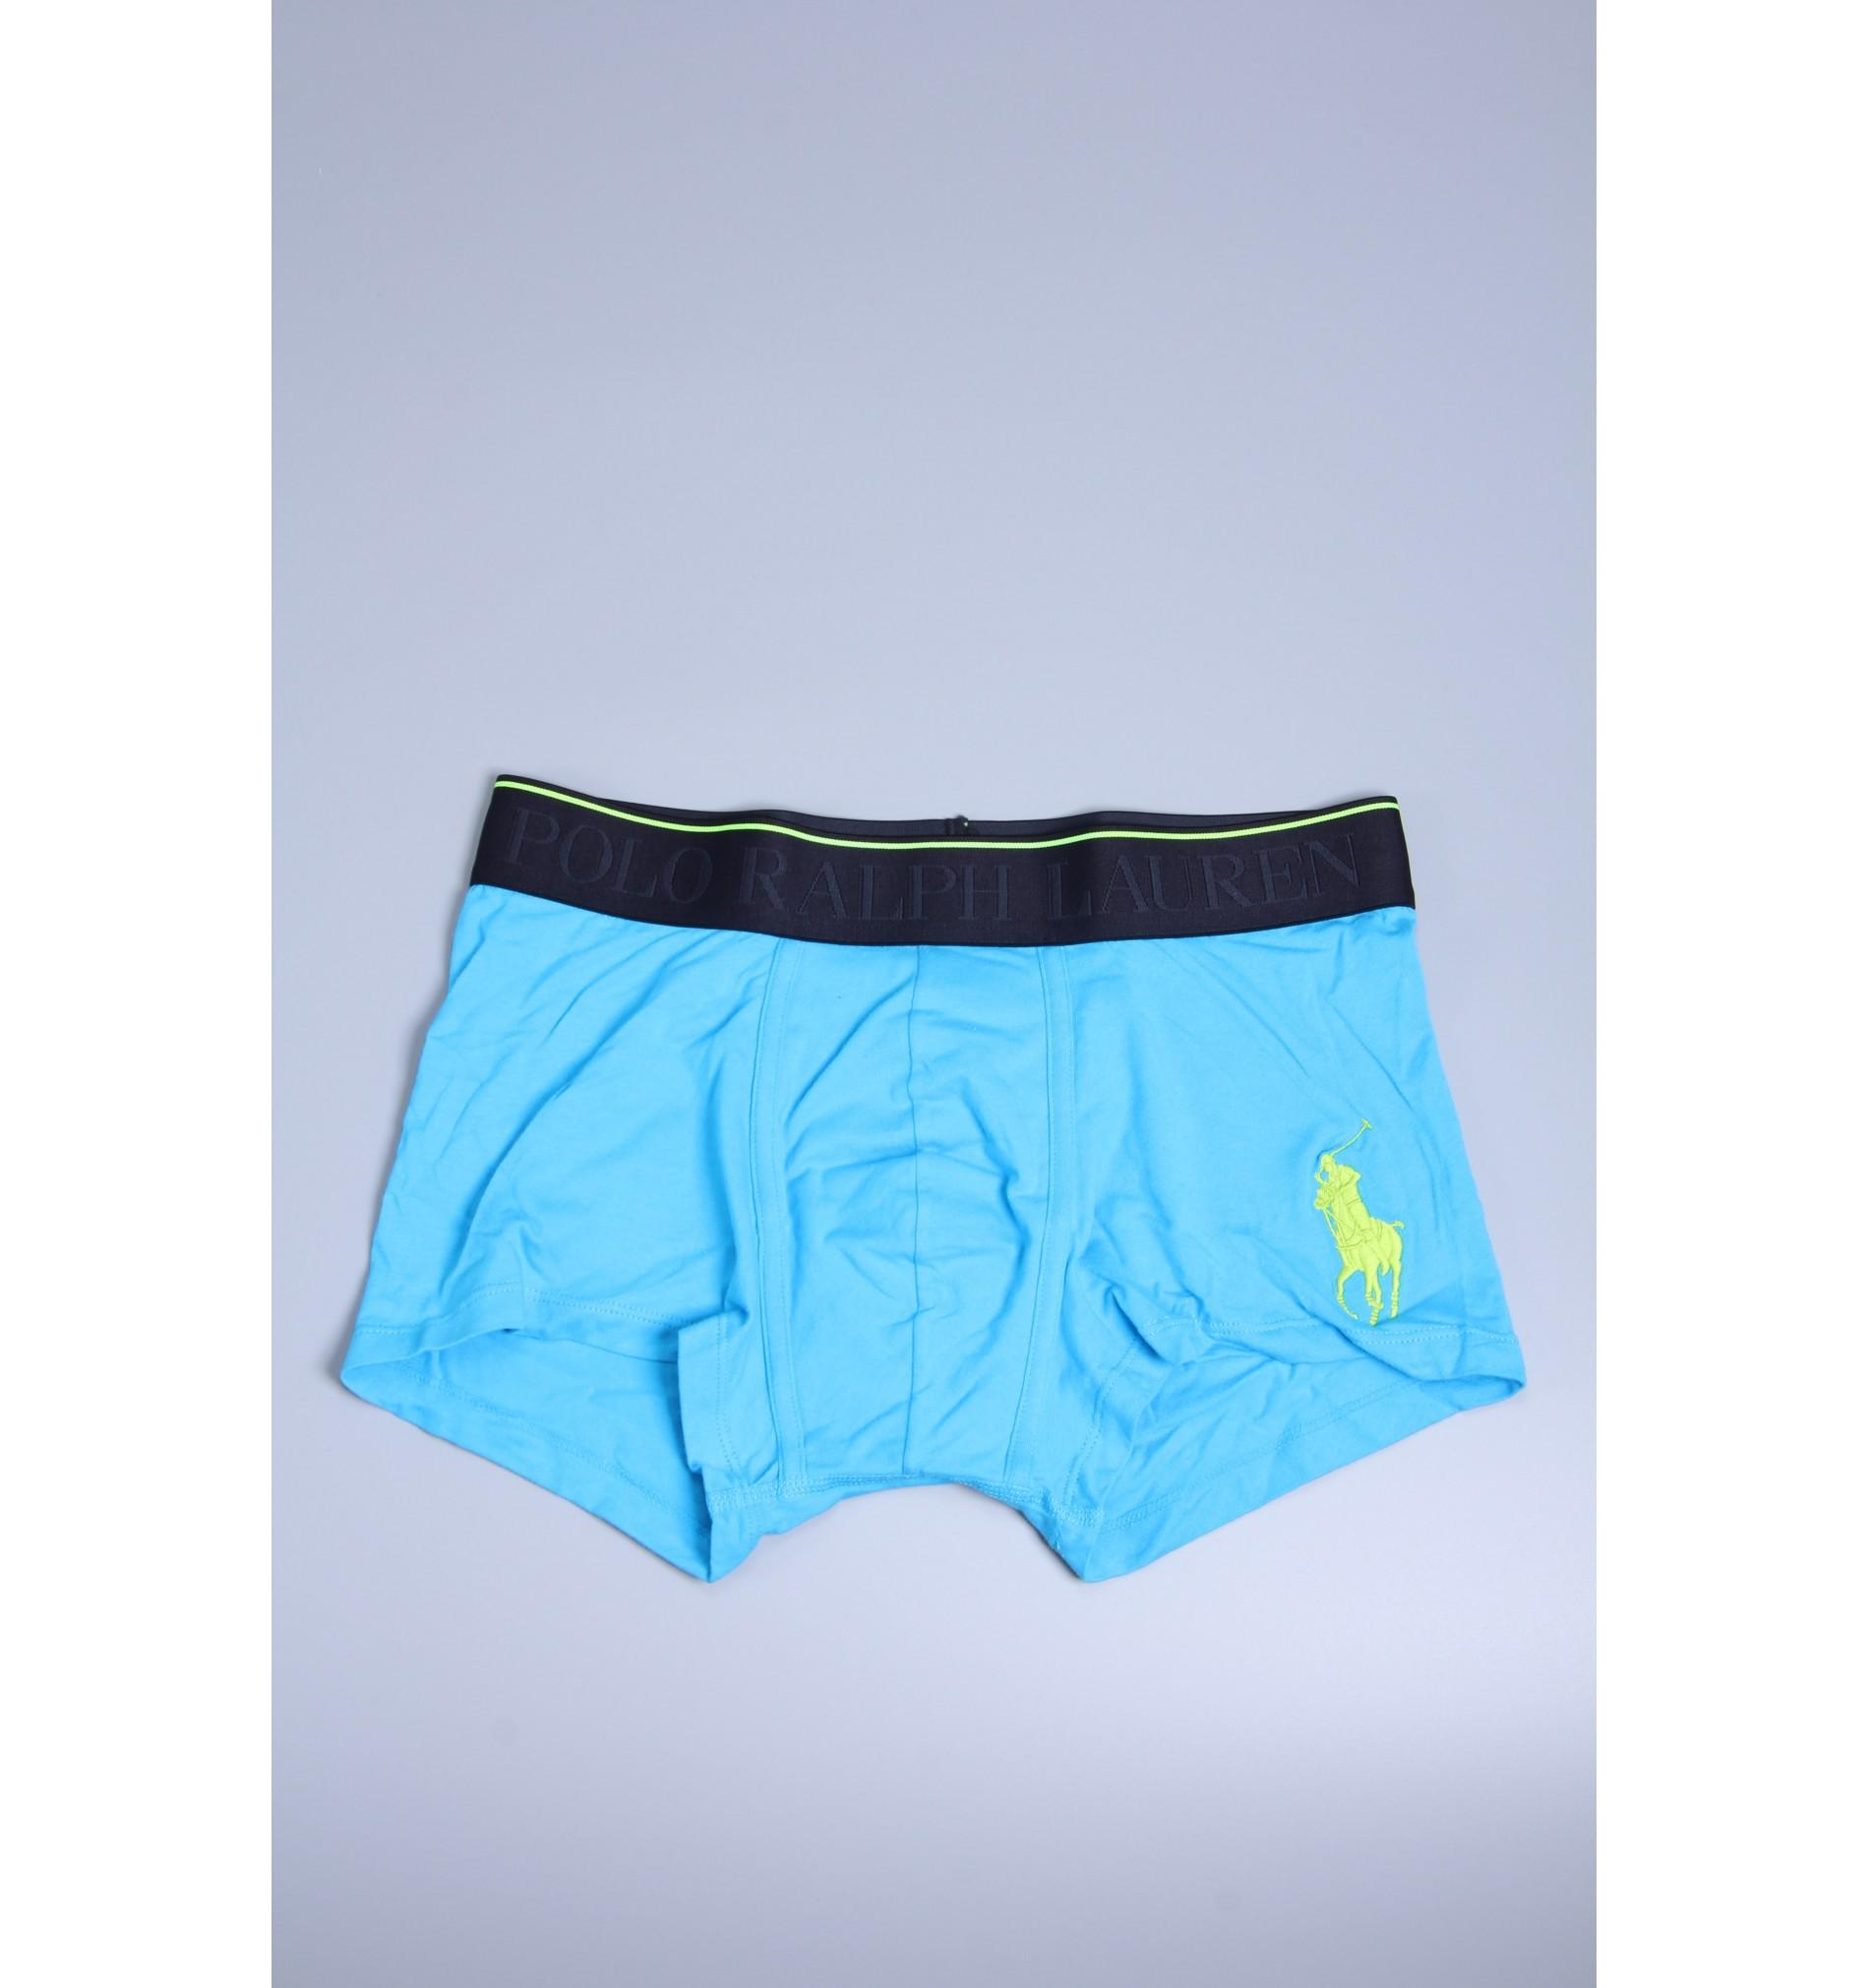 Polo boxerky '714637286-017' modré  017